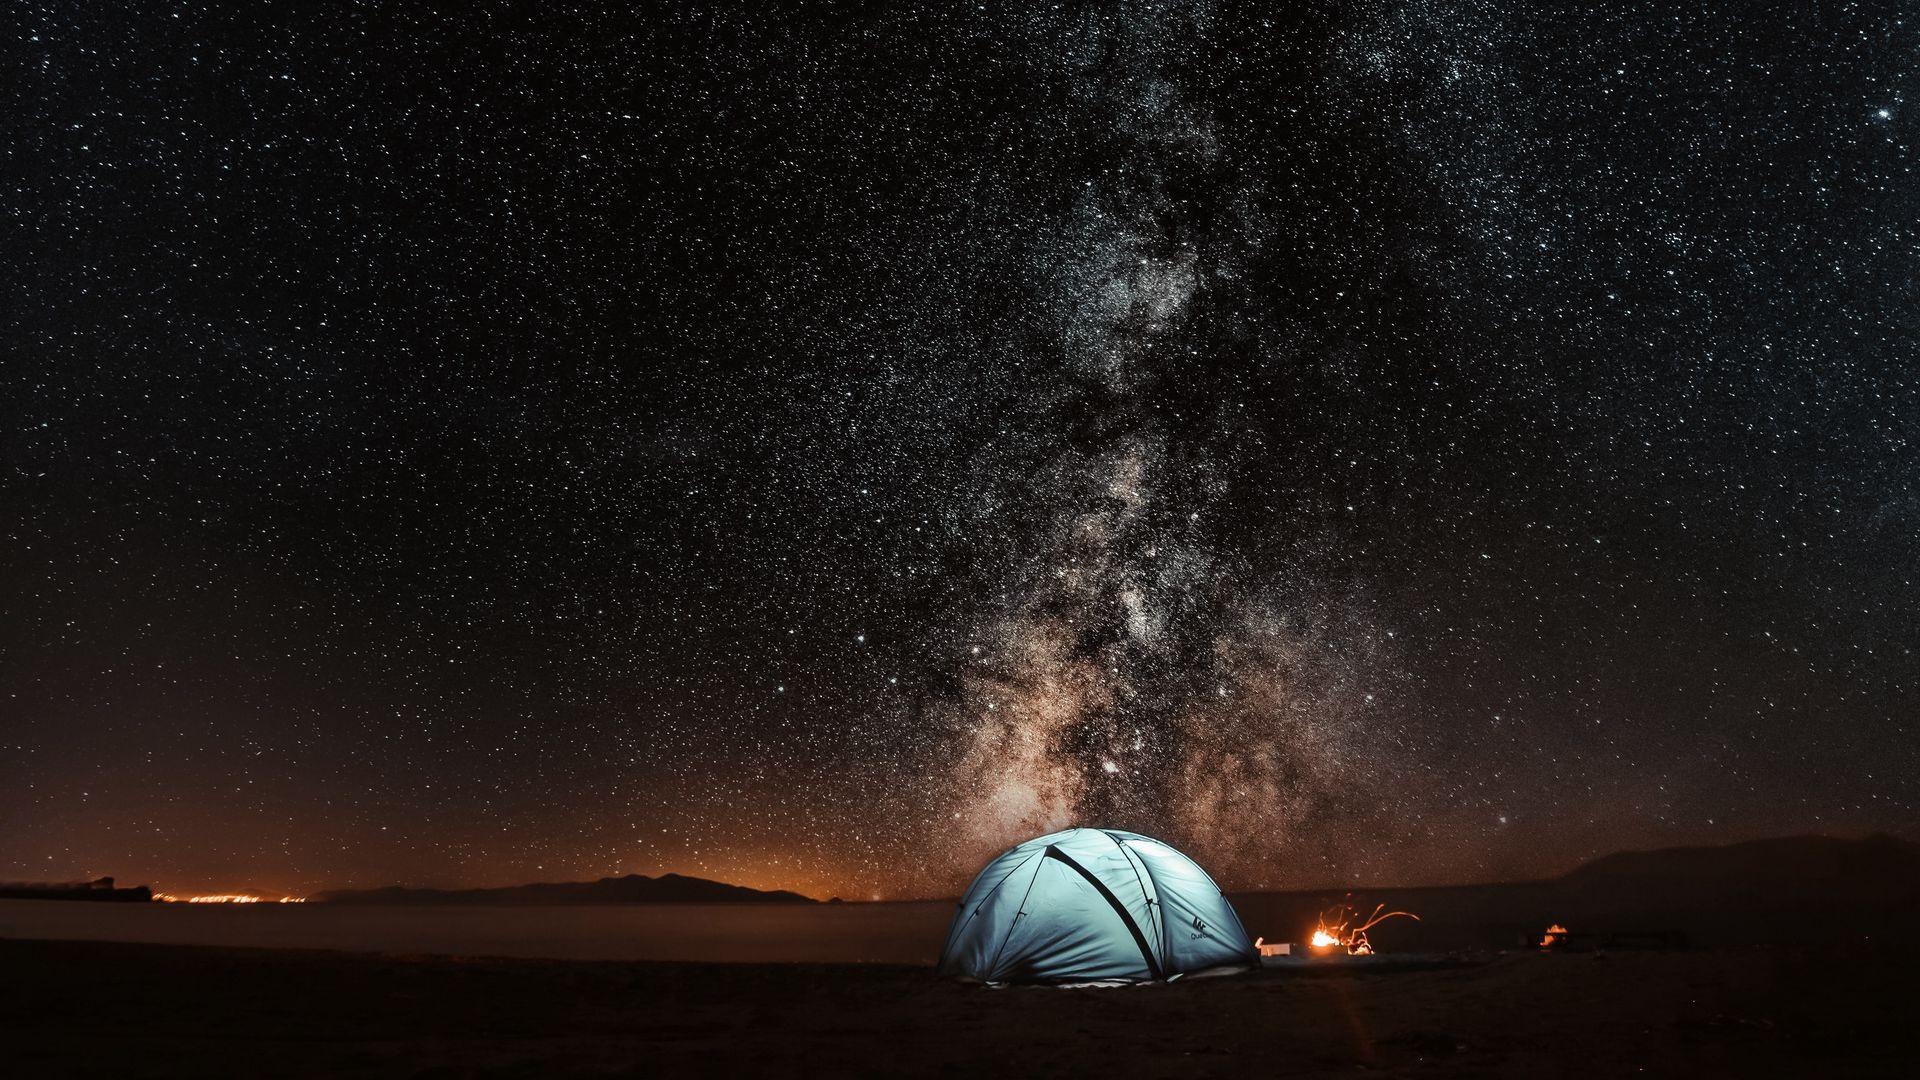 1920x1080 Обои палатка, звездное небо, ночь, туризм